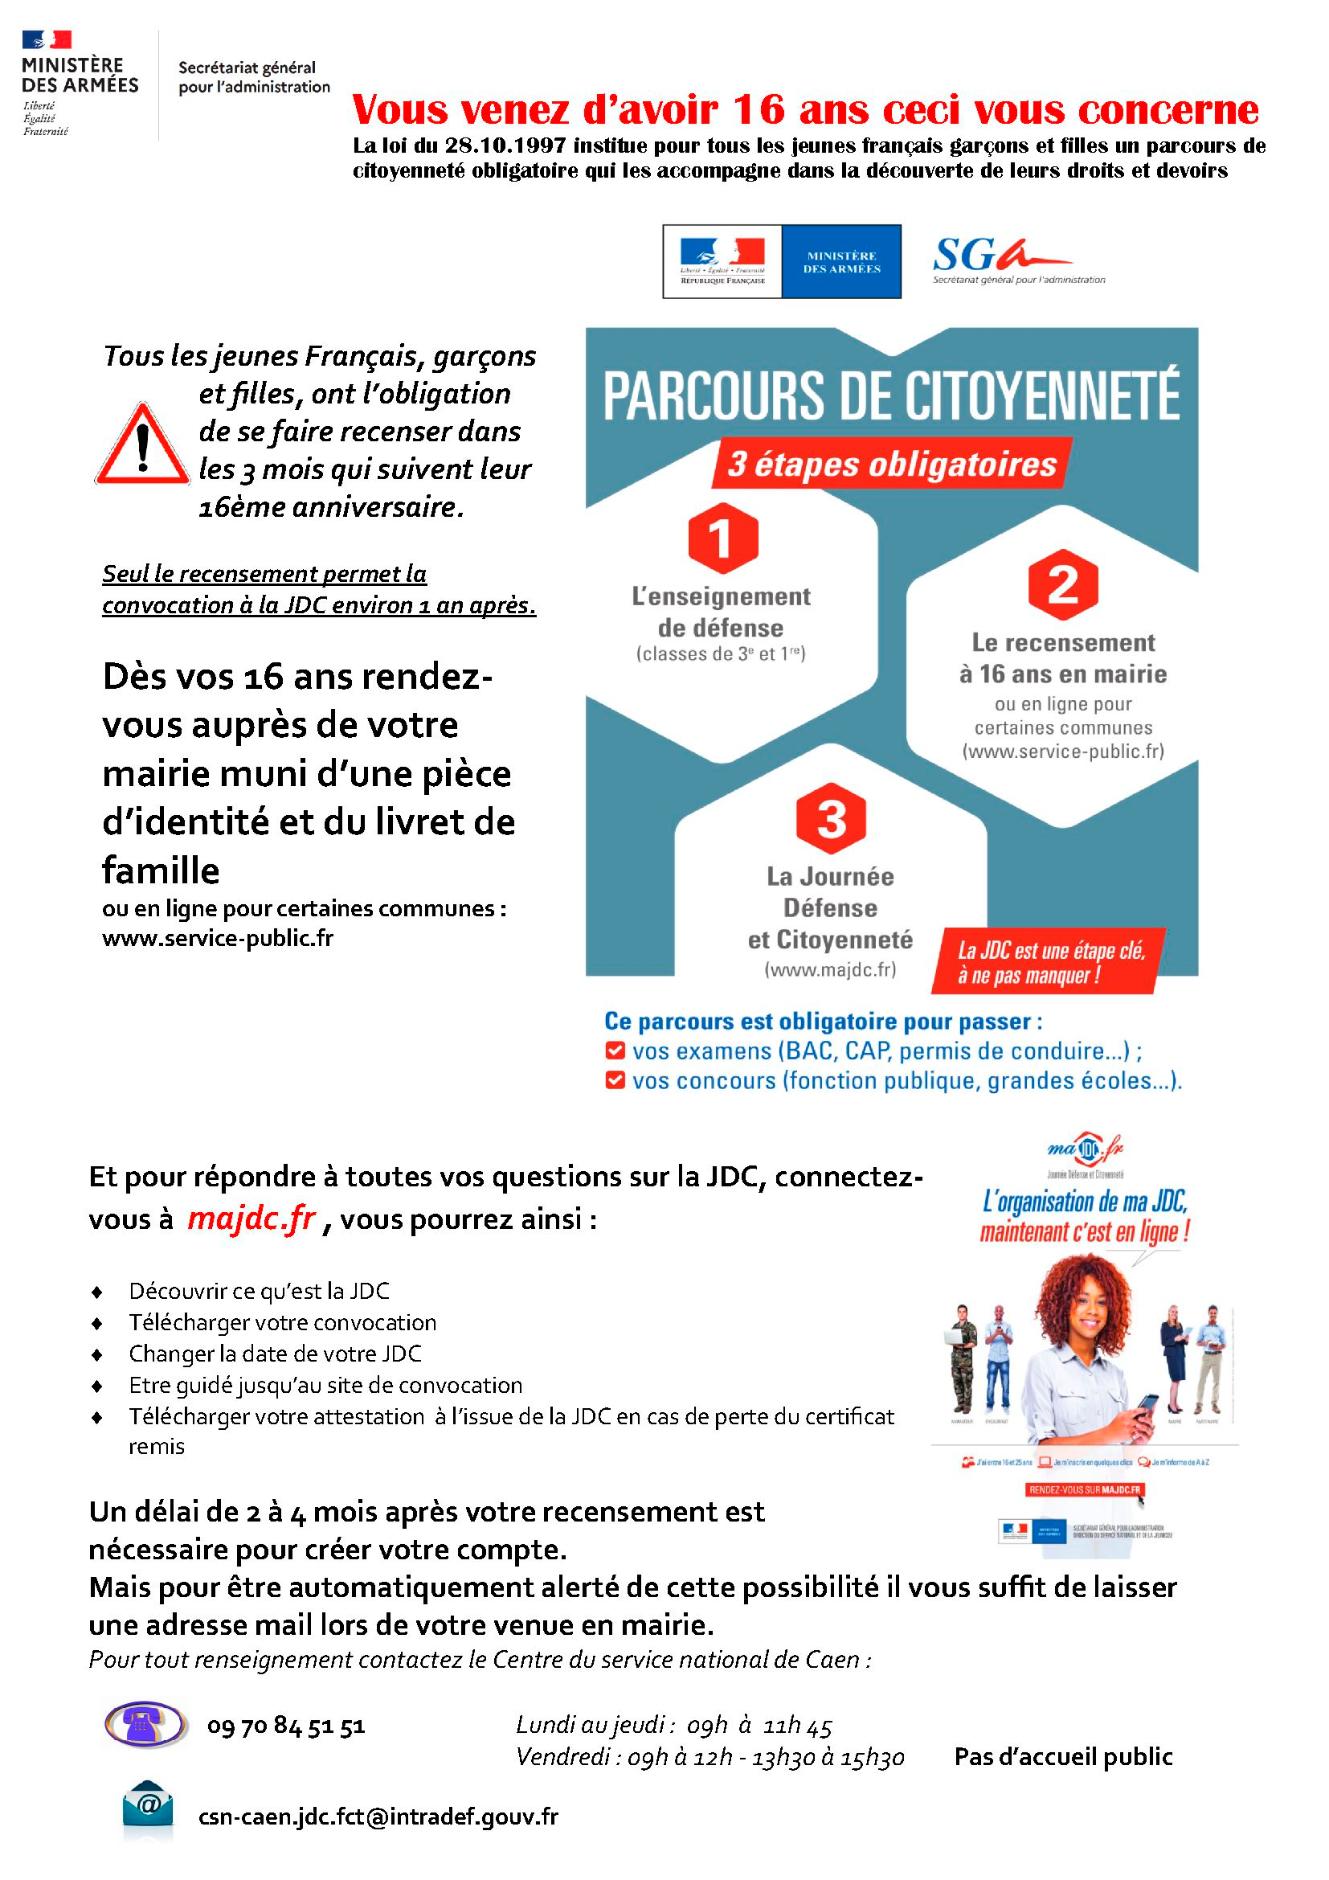 20200911_np_caen_-info-parcours-citoyennete